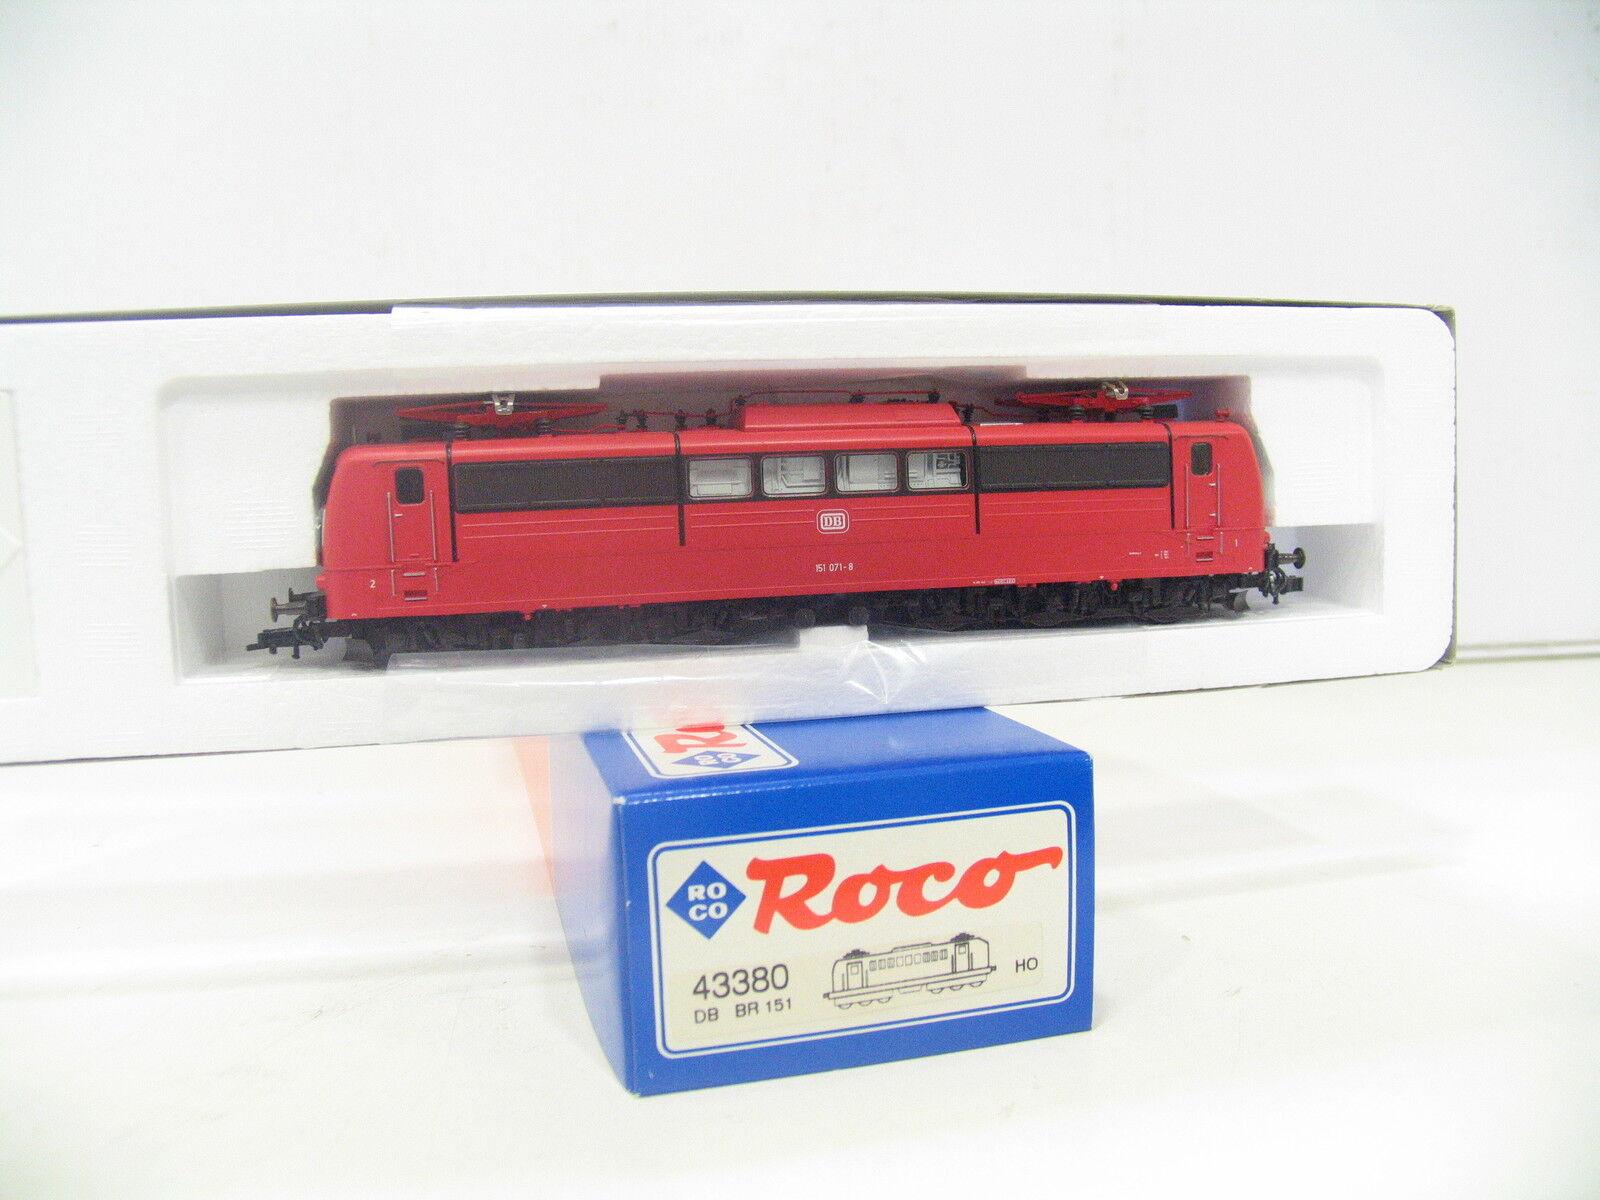 Roco 43380 e-Lok br 151 rosso de la DB as497